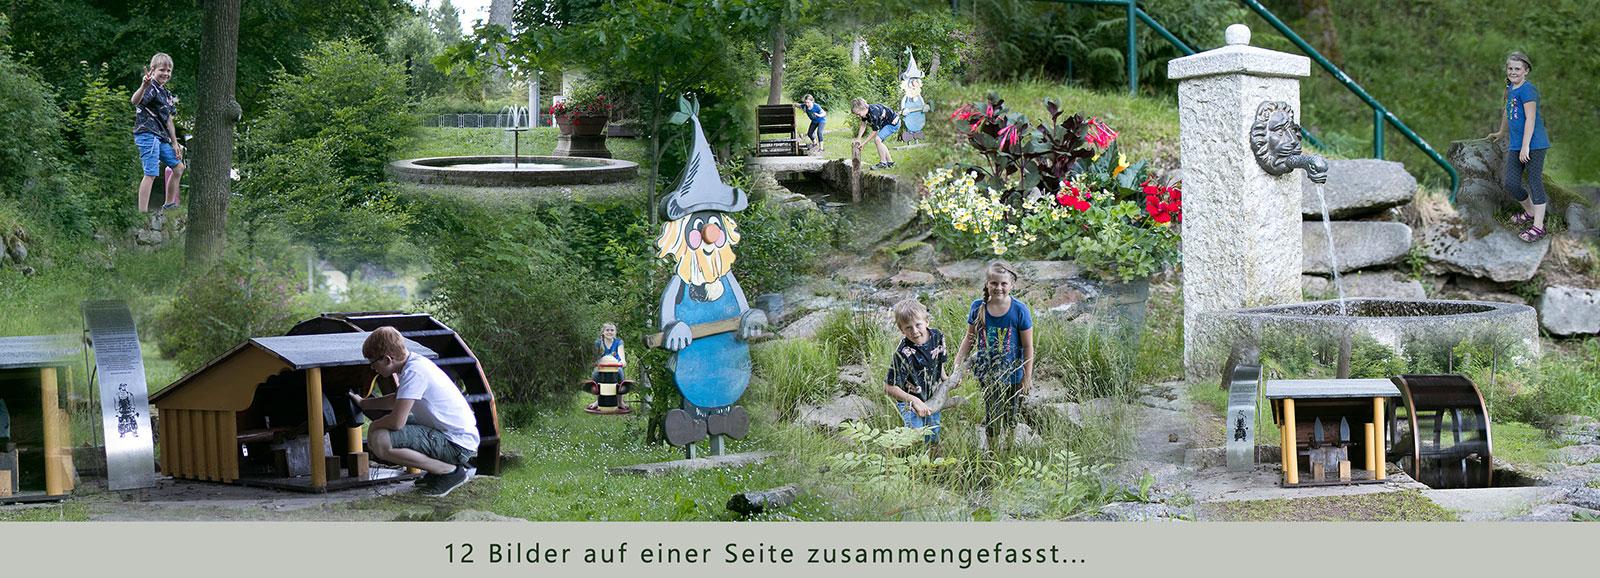 Panorama Fotobuch zum Geburstag - spielende Kinder